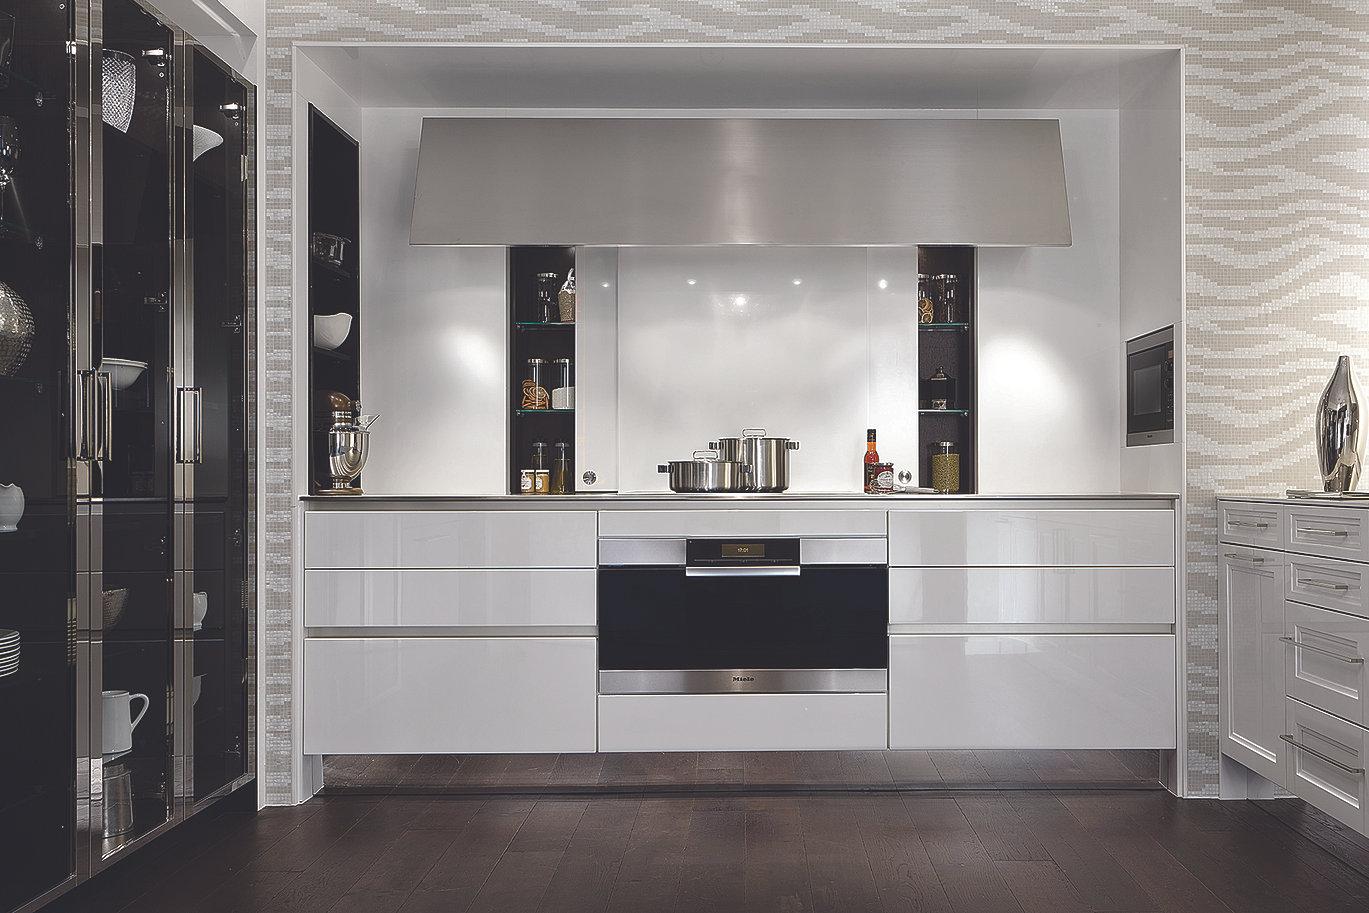 konstsiematic kitchen designer Bethesda md kitchen designer